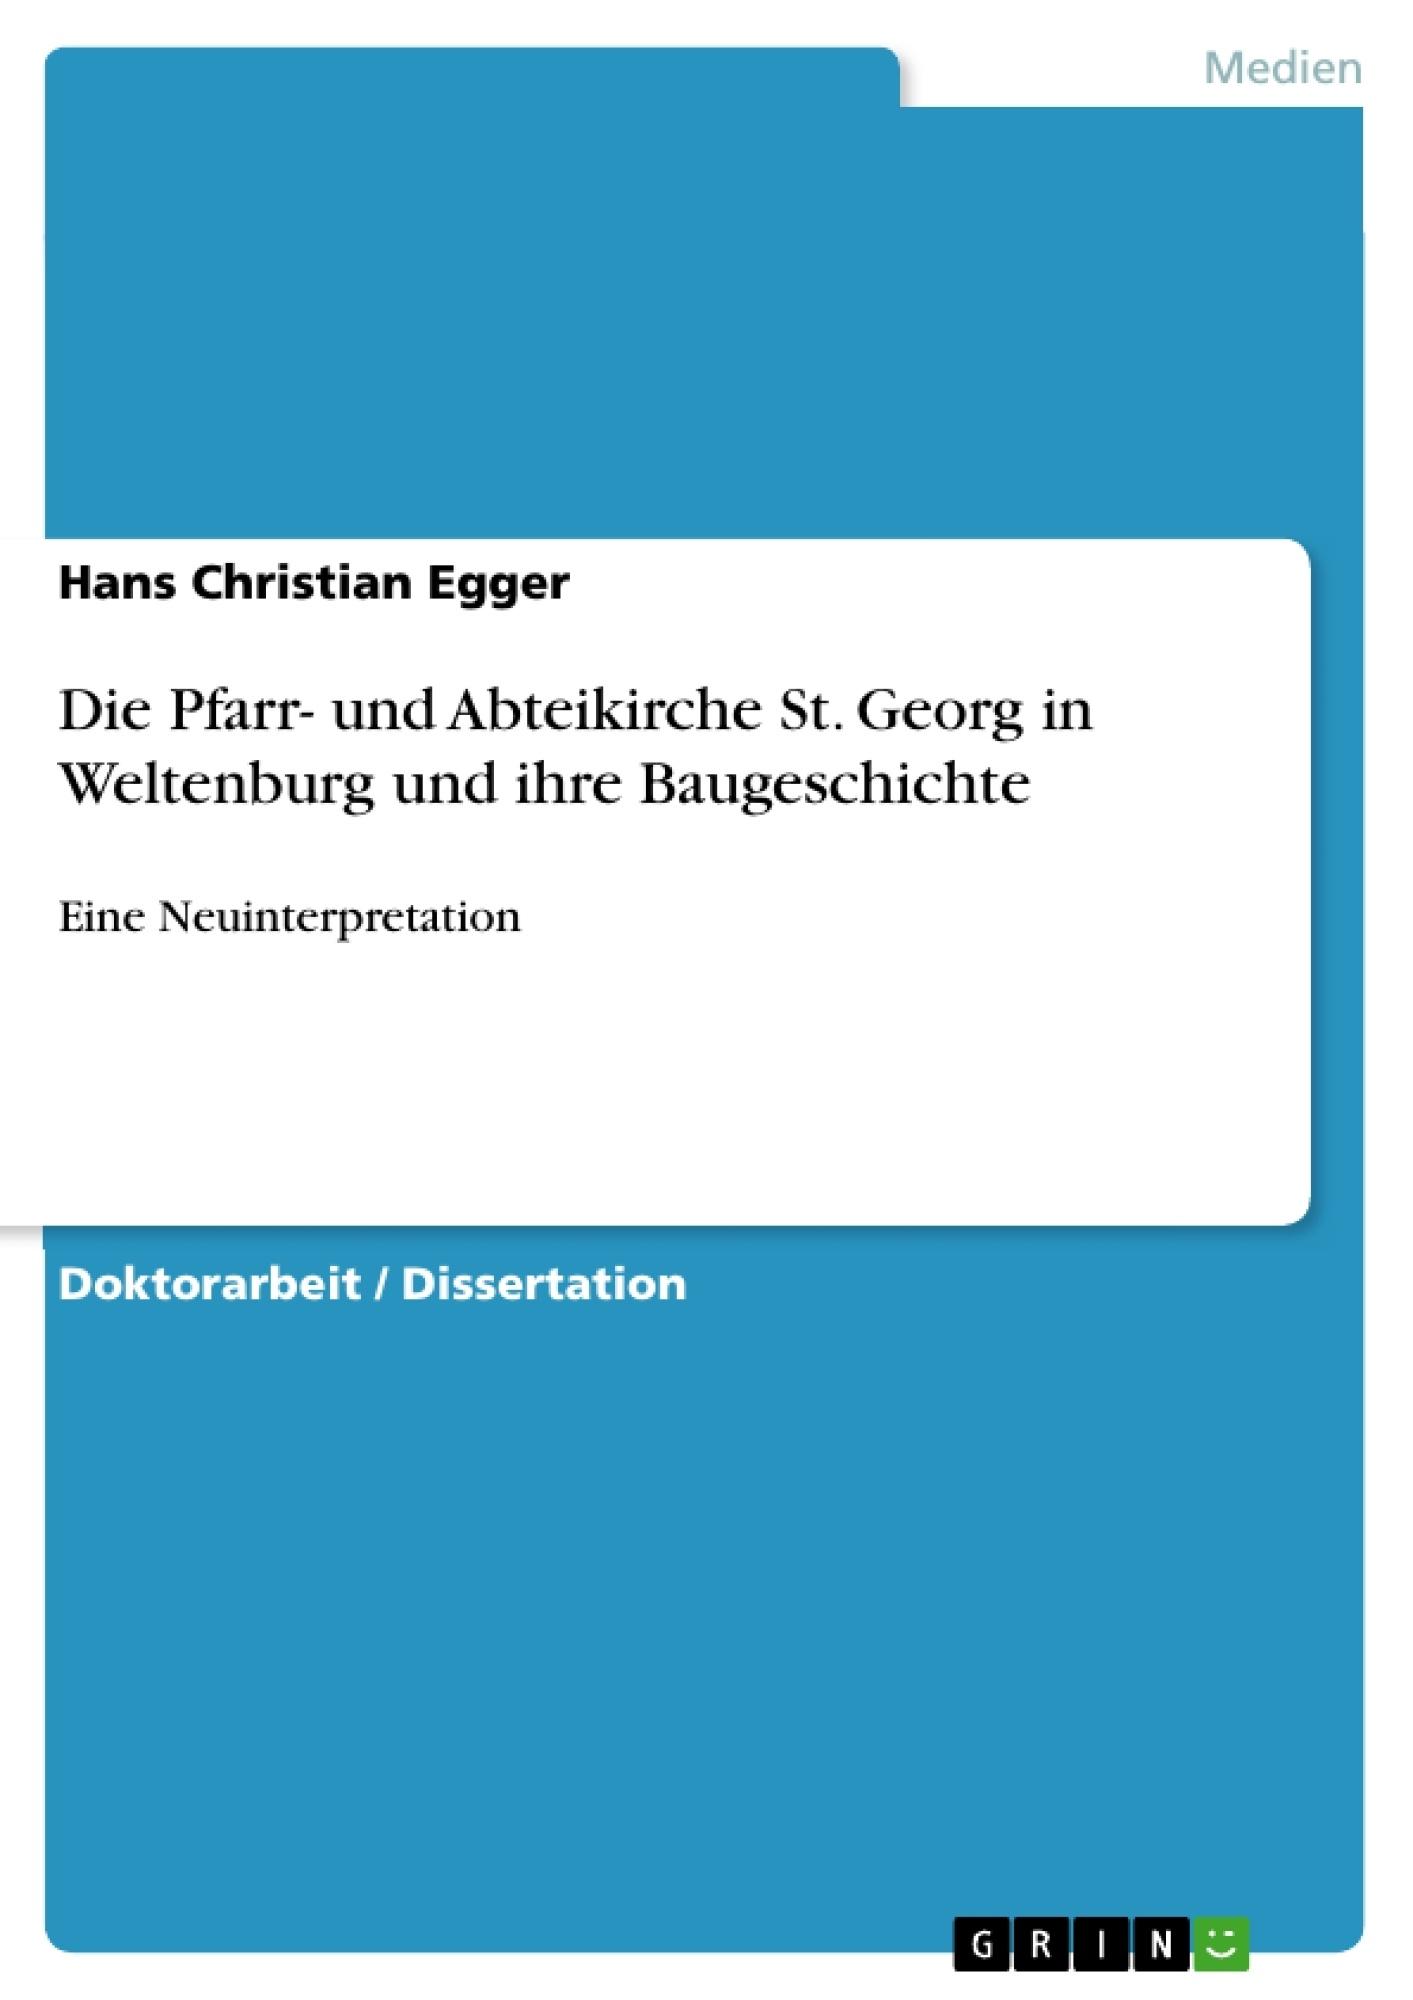 Titel: Die Pfarr- und Abteikirche St. Georg in Weltenburg und ihre Baugeschichte